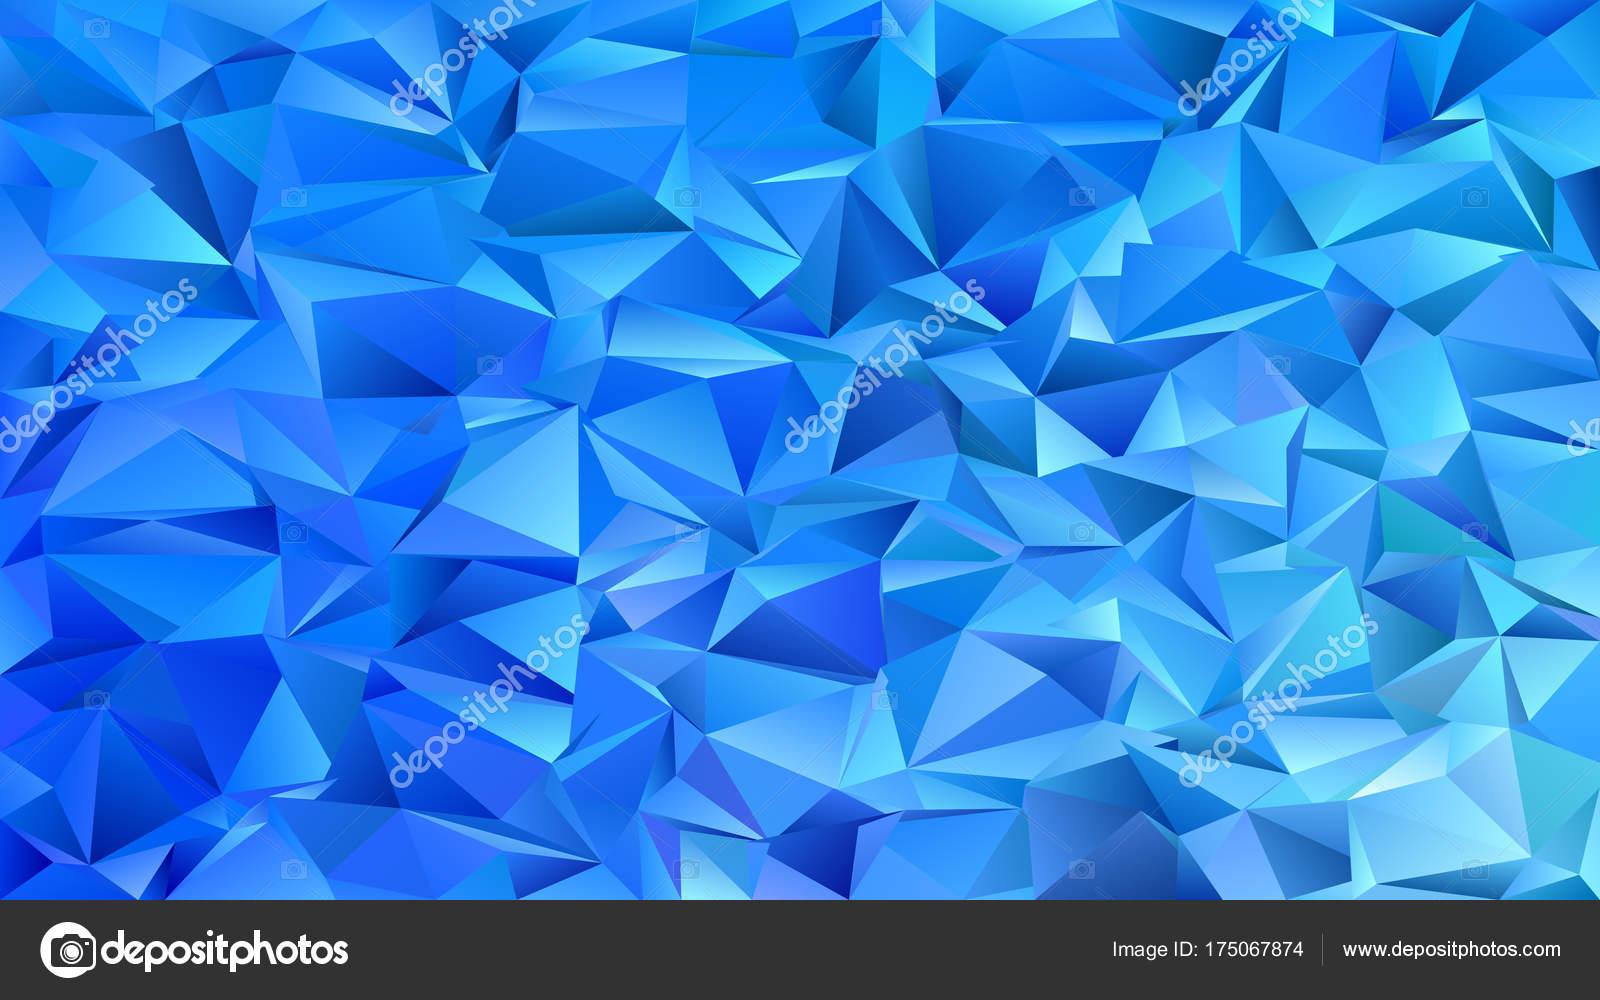 üçgen çini Mozaik Arka Plan üçgen Mavi Tonlarda Vektör Grafik